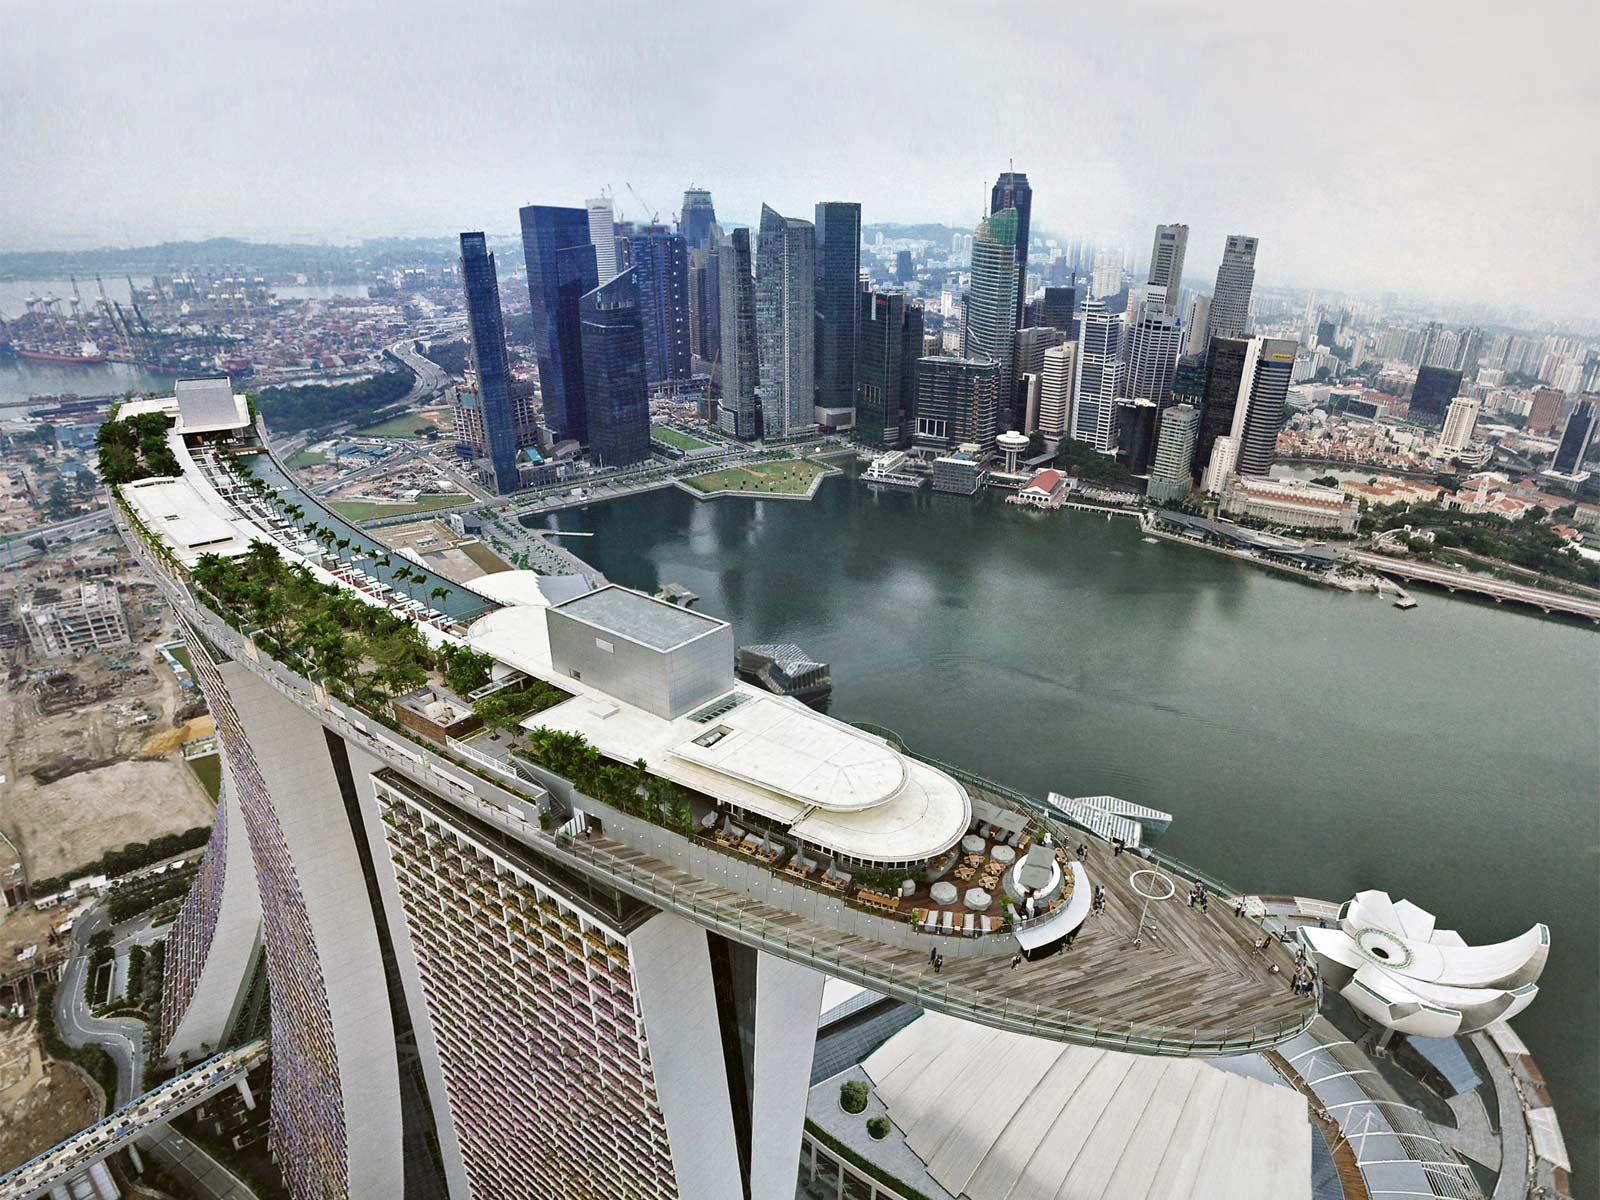 Vẻ đẹp hài hòa giữa truyền thống và hiện đại ở Singapore